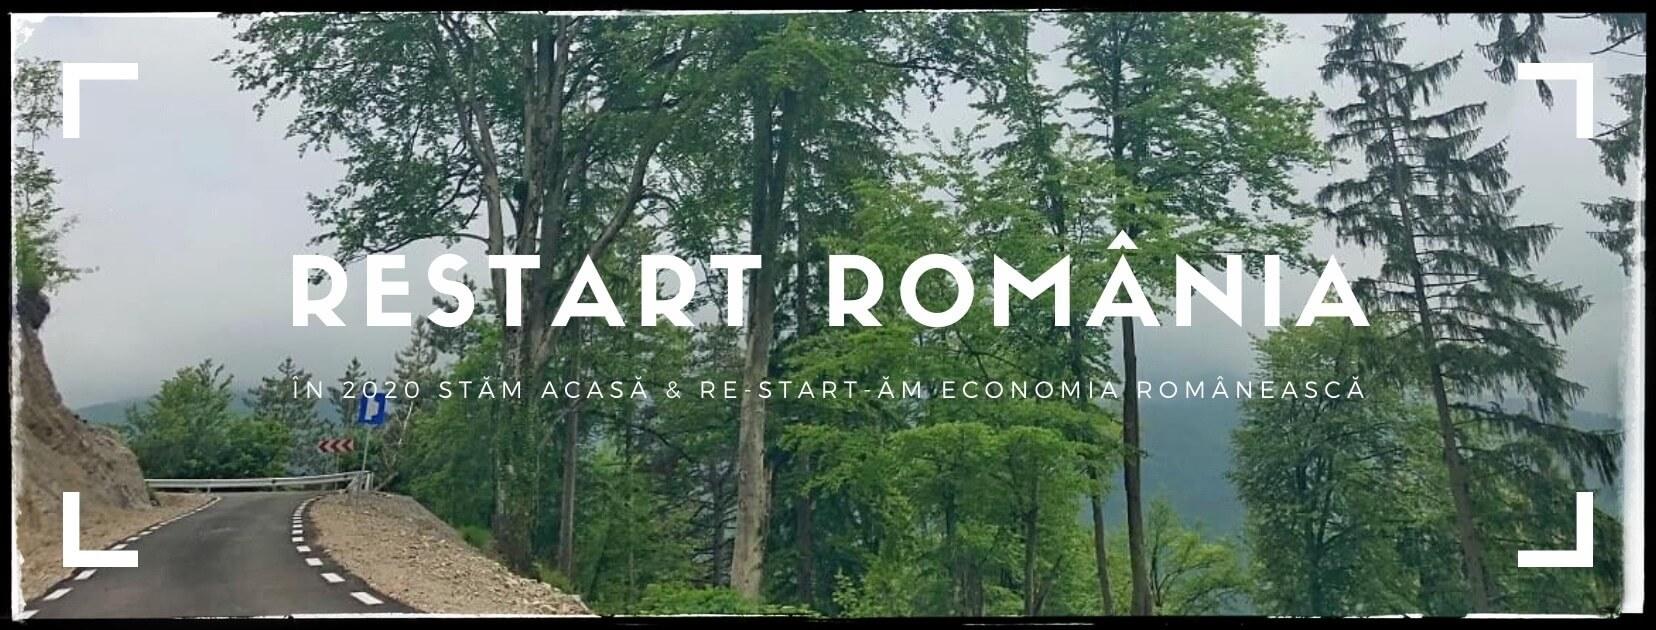 restart românia strategie turism banat banatul montan povestea locurilor